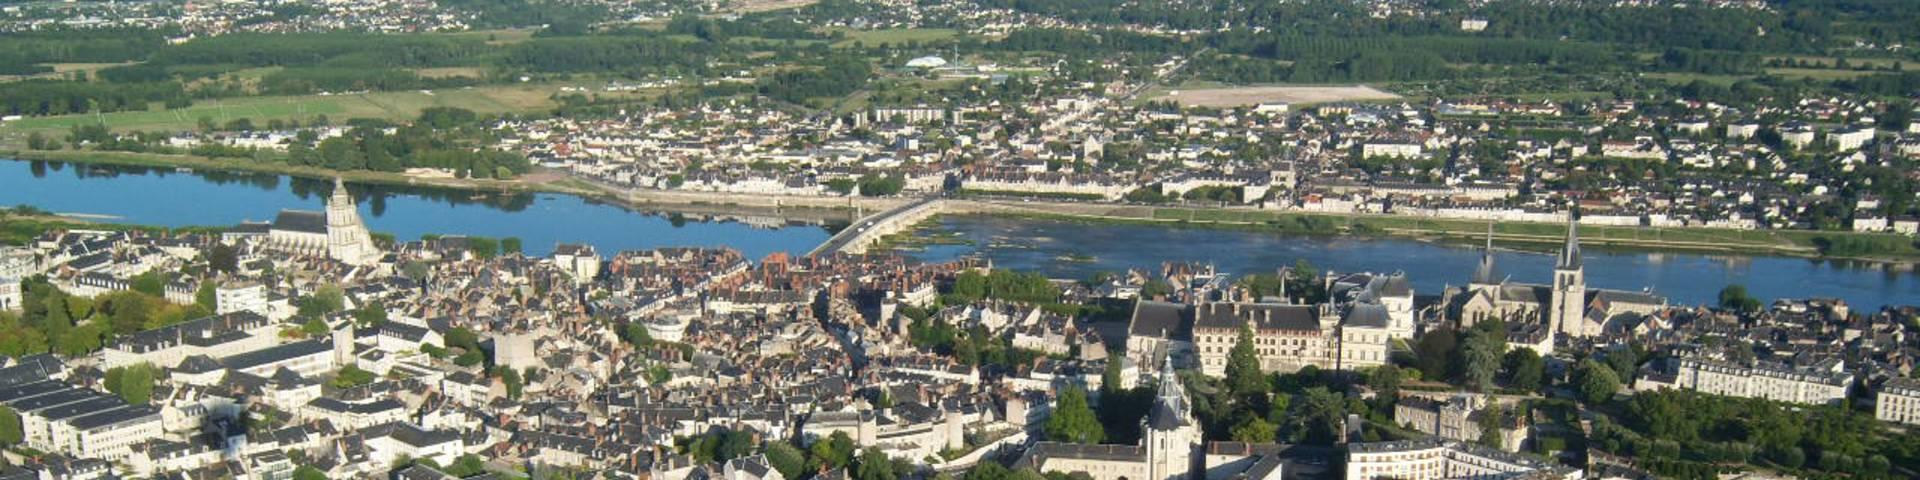 Flug über Blois im Fesselballon